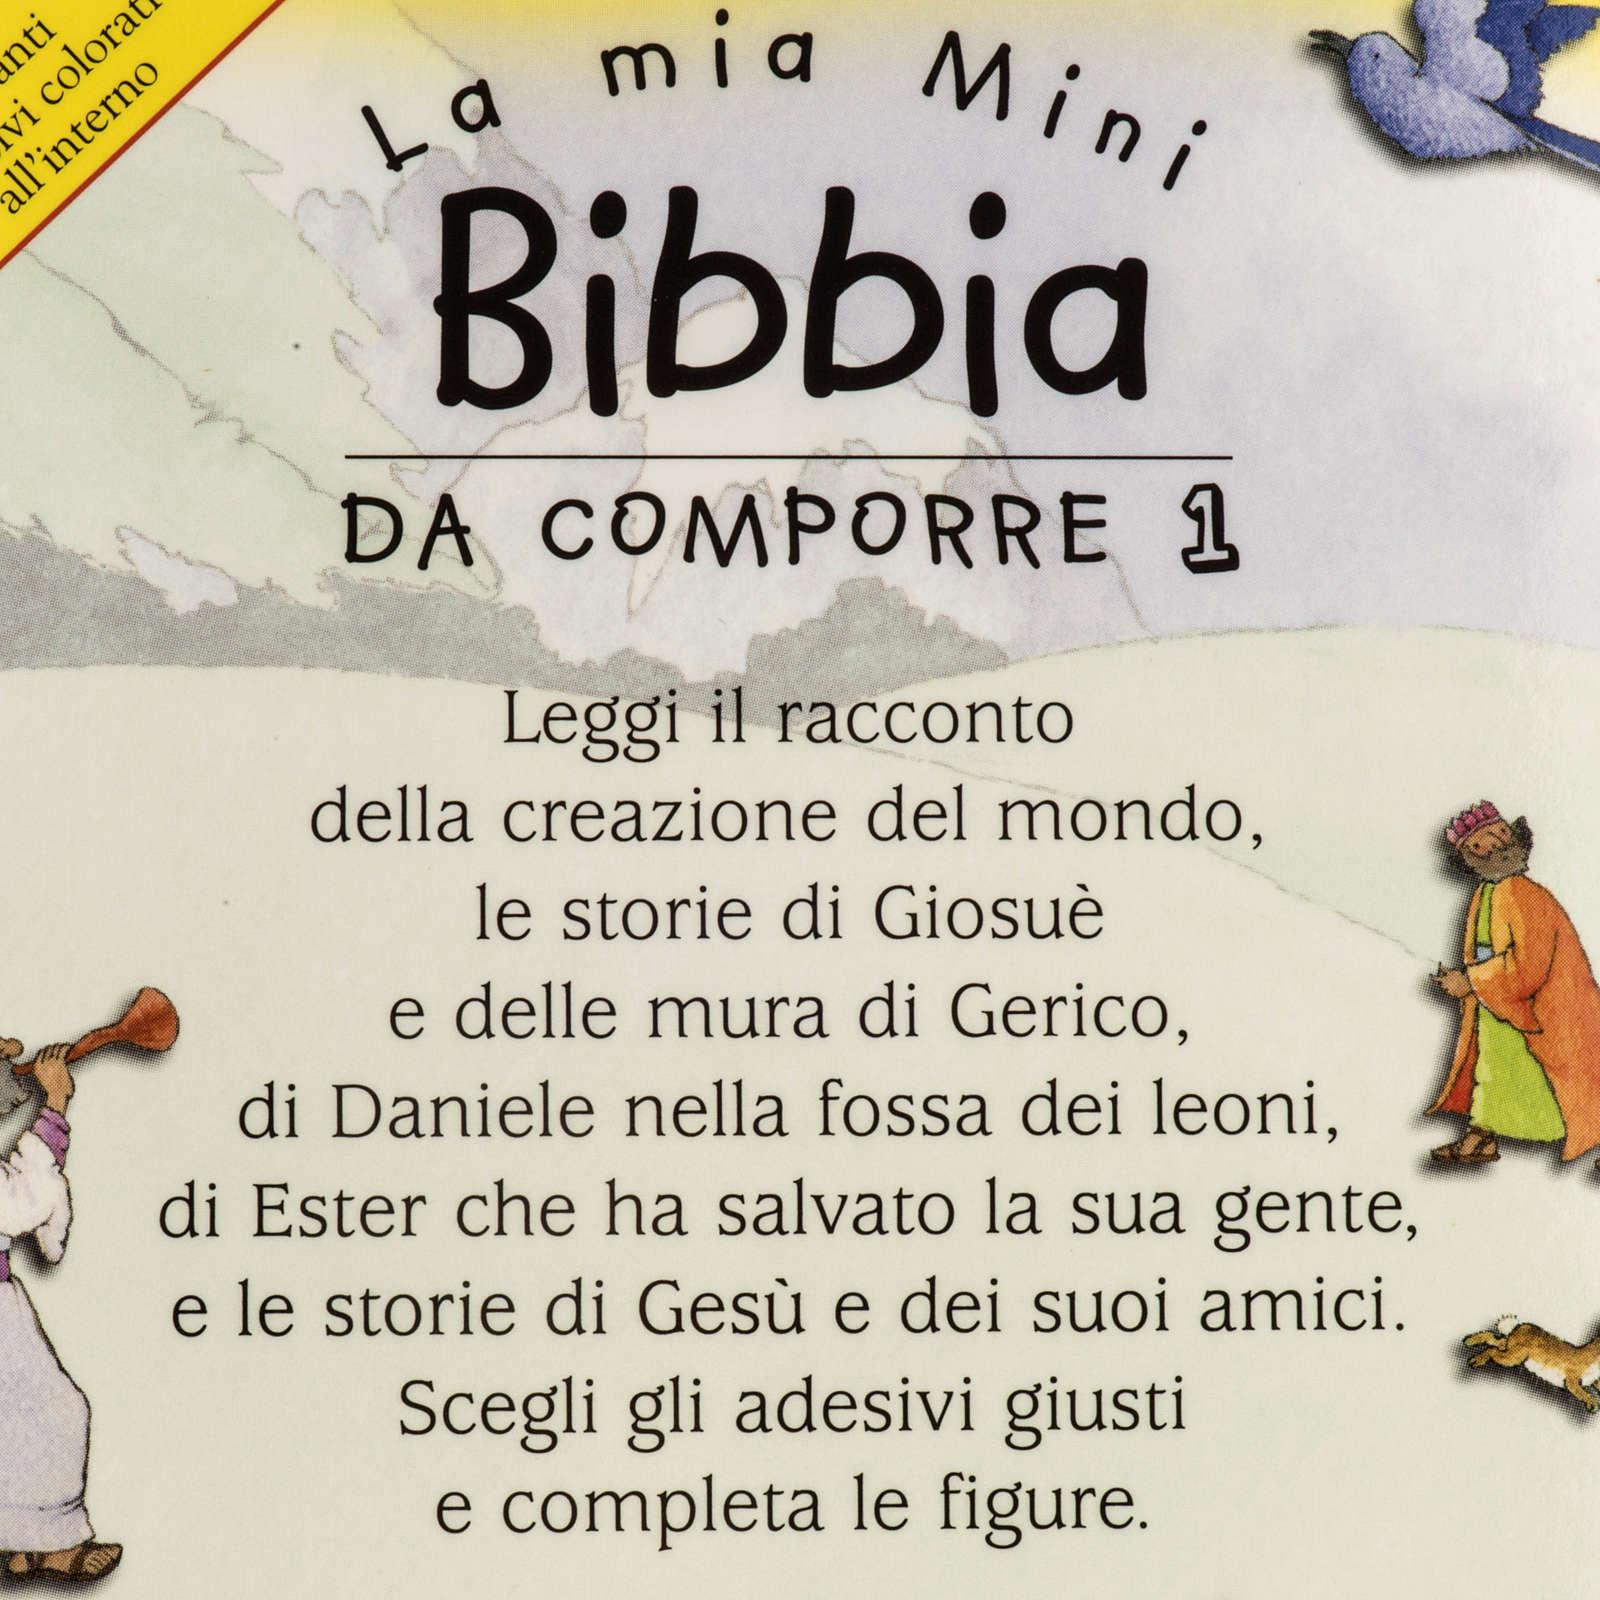 La Mia Mini Bibbia da comporre 1 4